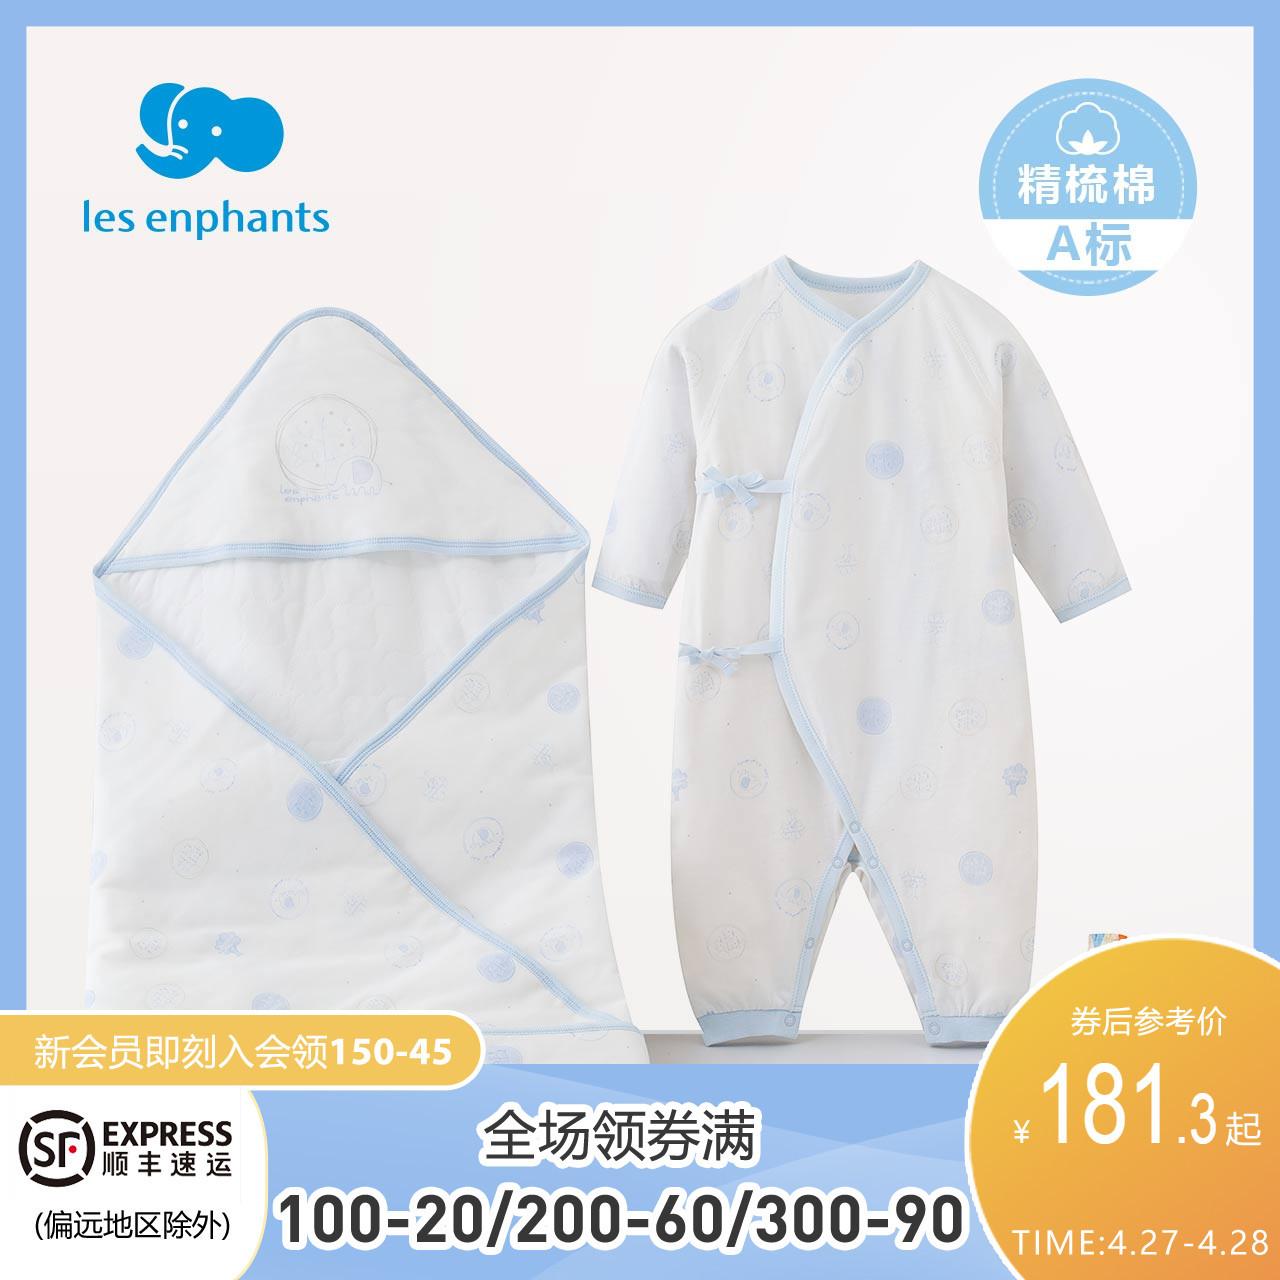 丽婴房新生礼婴儿衣服礼盒男女宝宝连身装内衣礼盒3件套 2021夏新